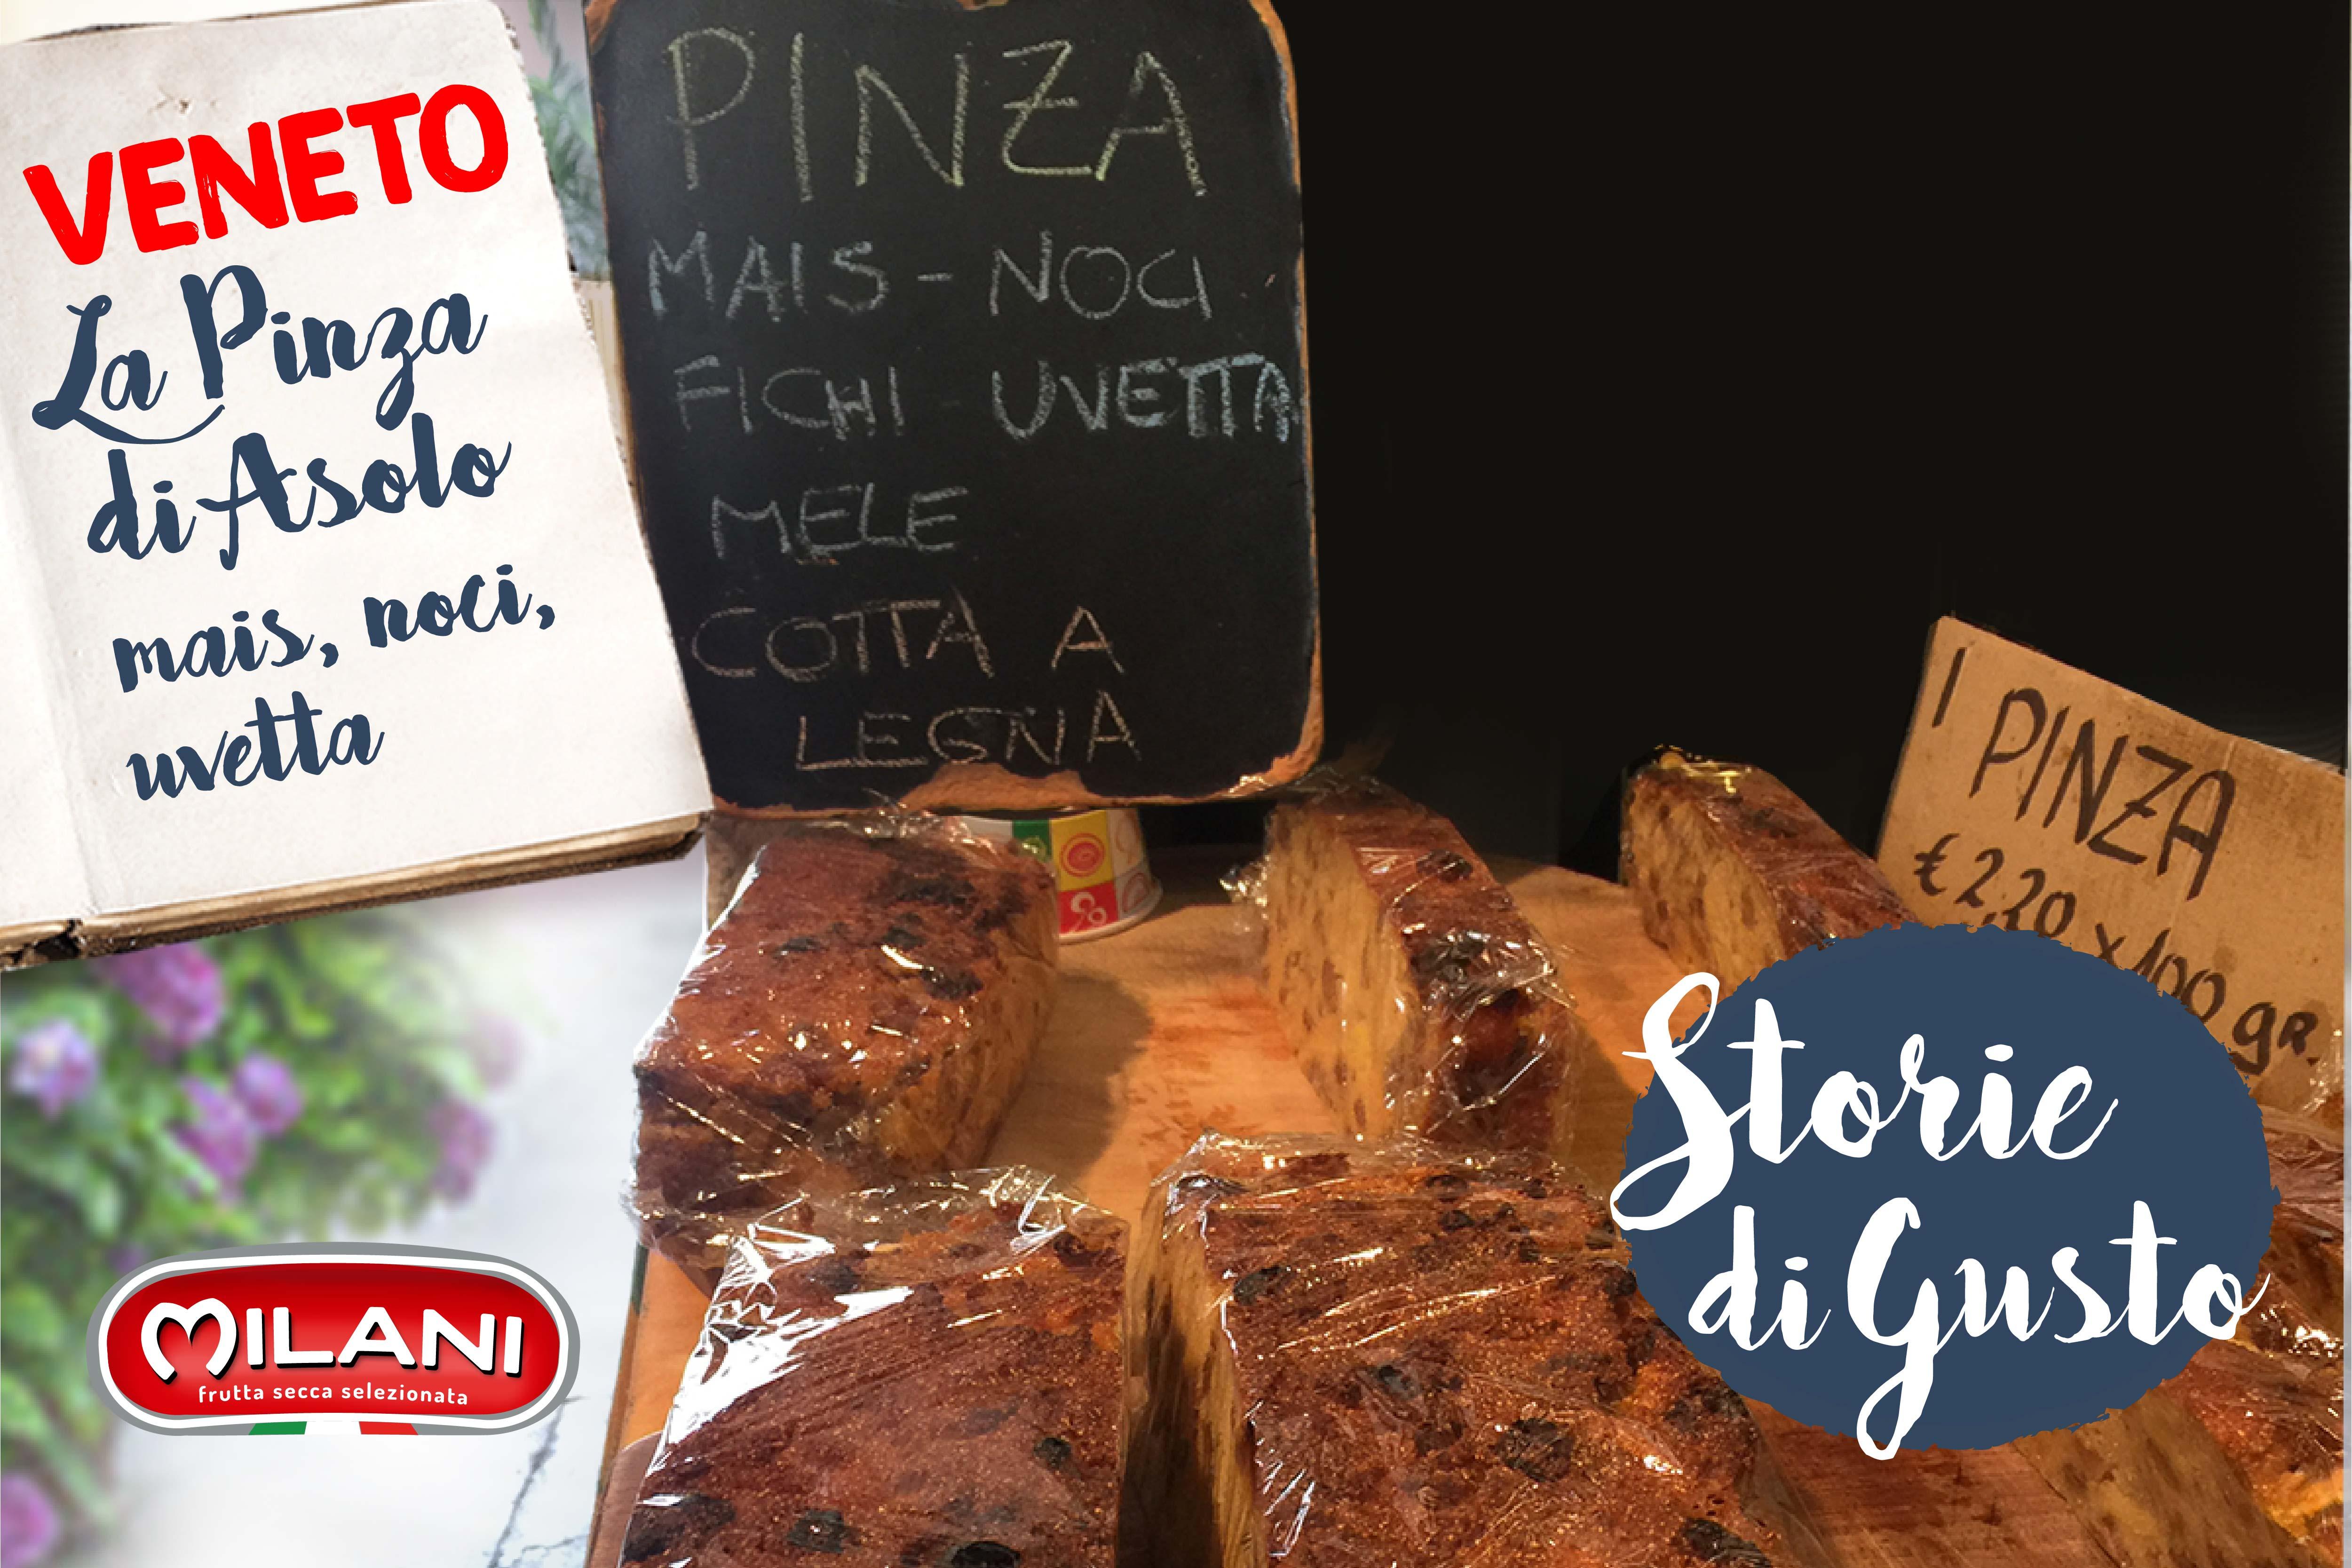 Storie di gusto – Pinza di Asolo (Veneto)